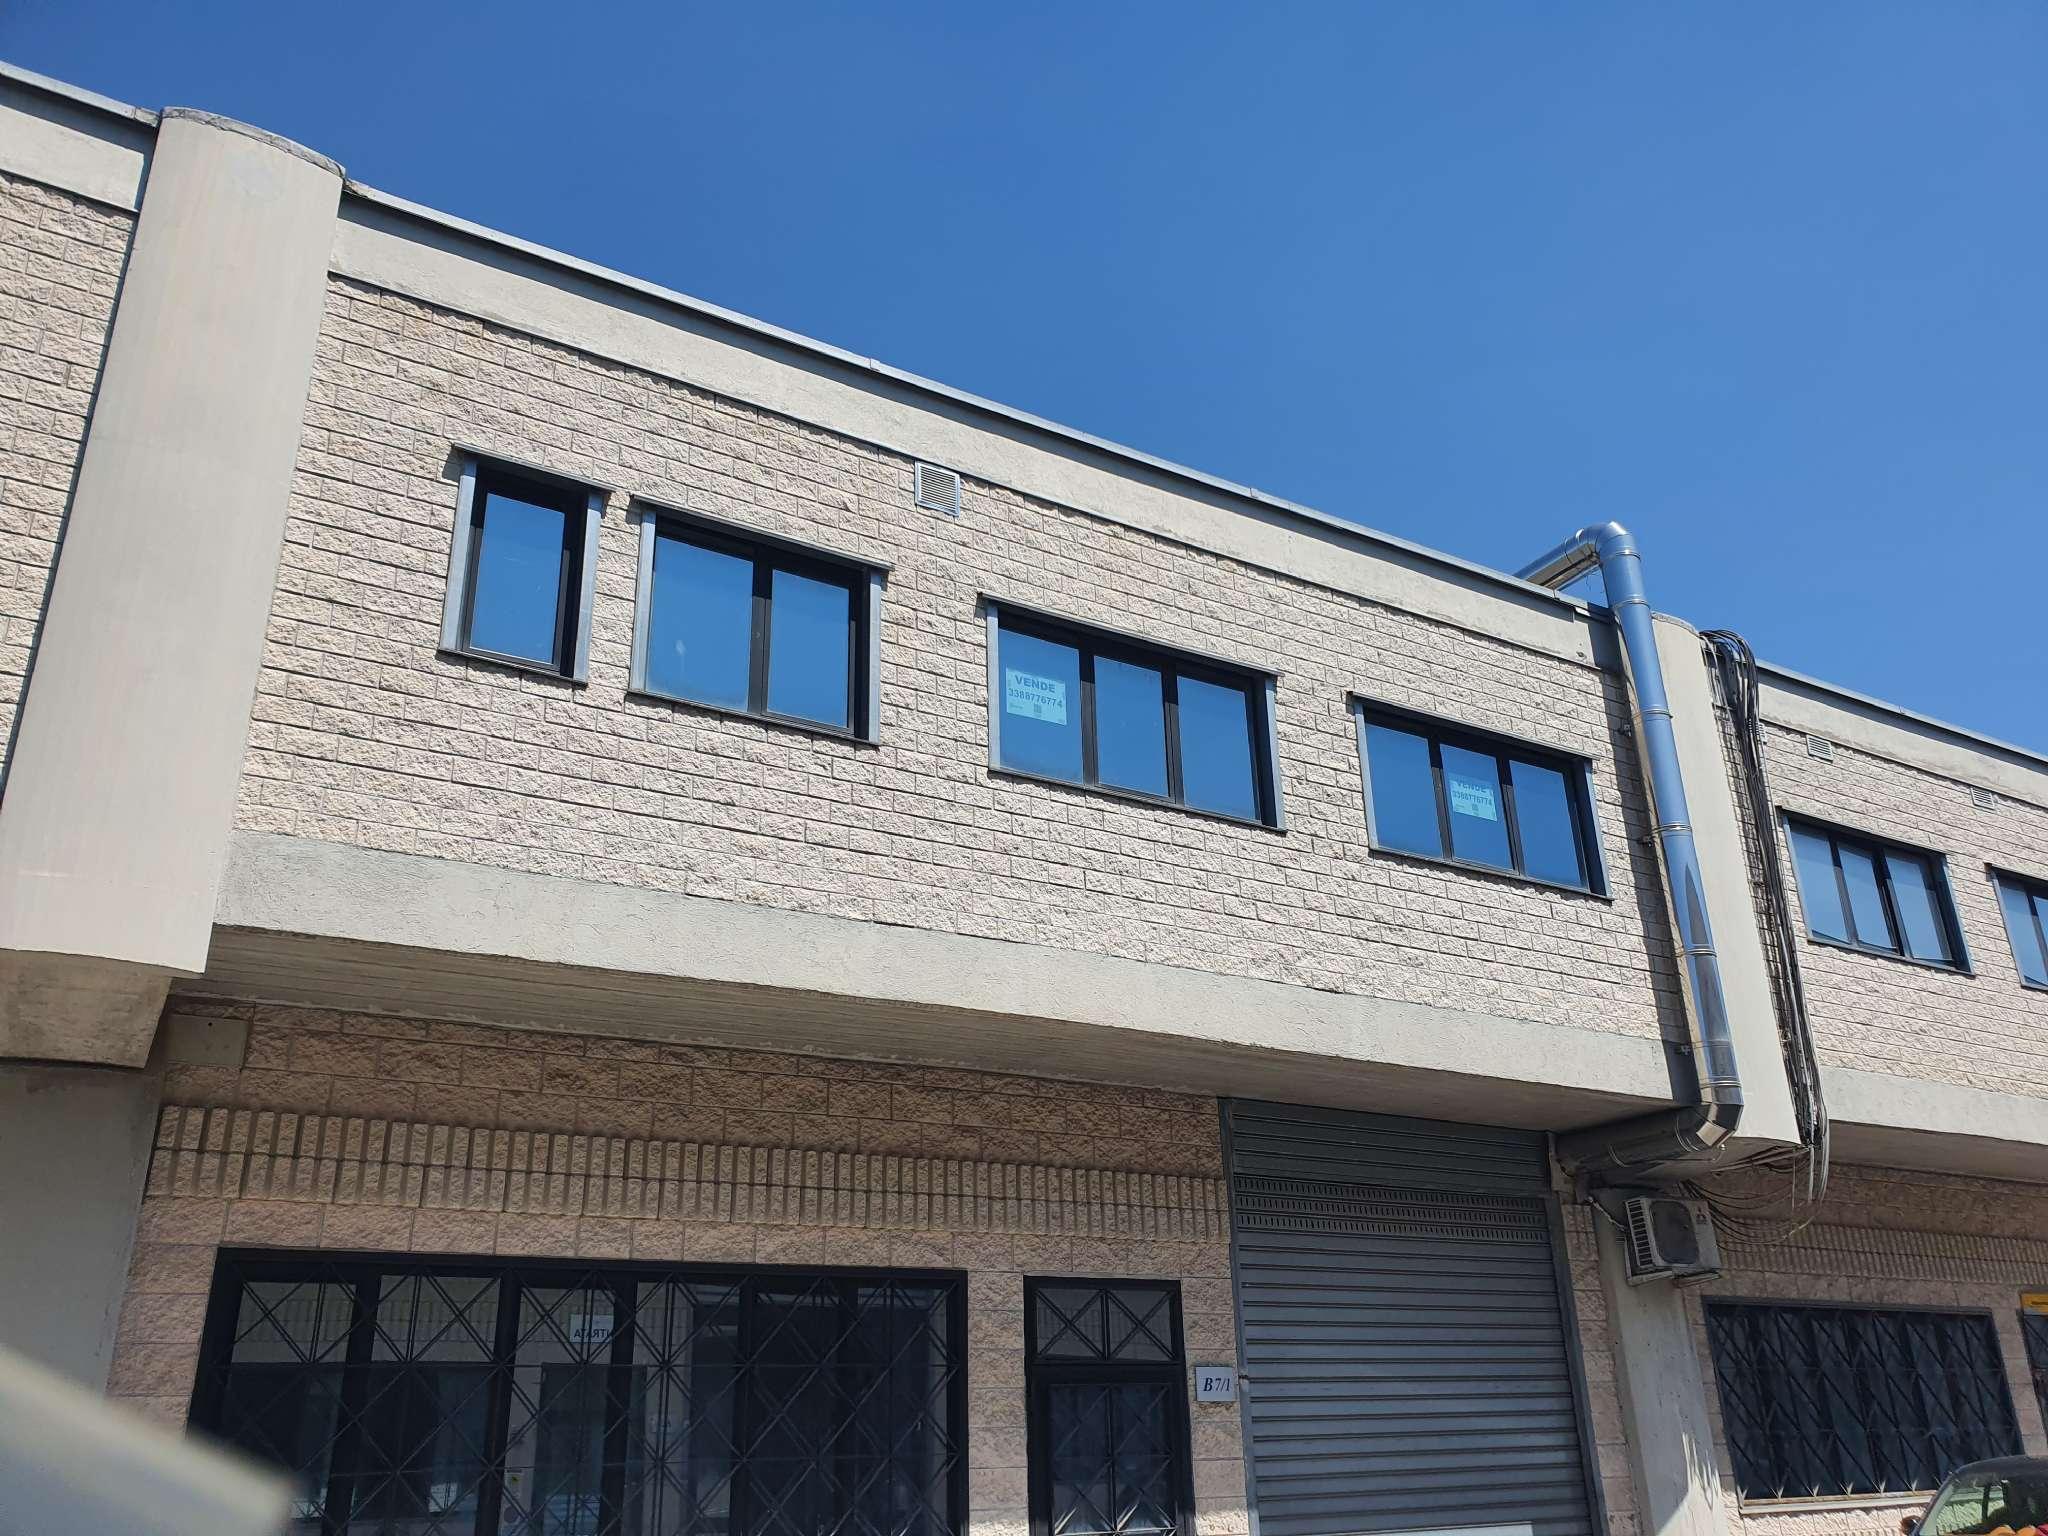 Laboratorio in vendita a Formello, 4 locali, prezzo € 75.000 | CambioCasa.it